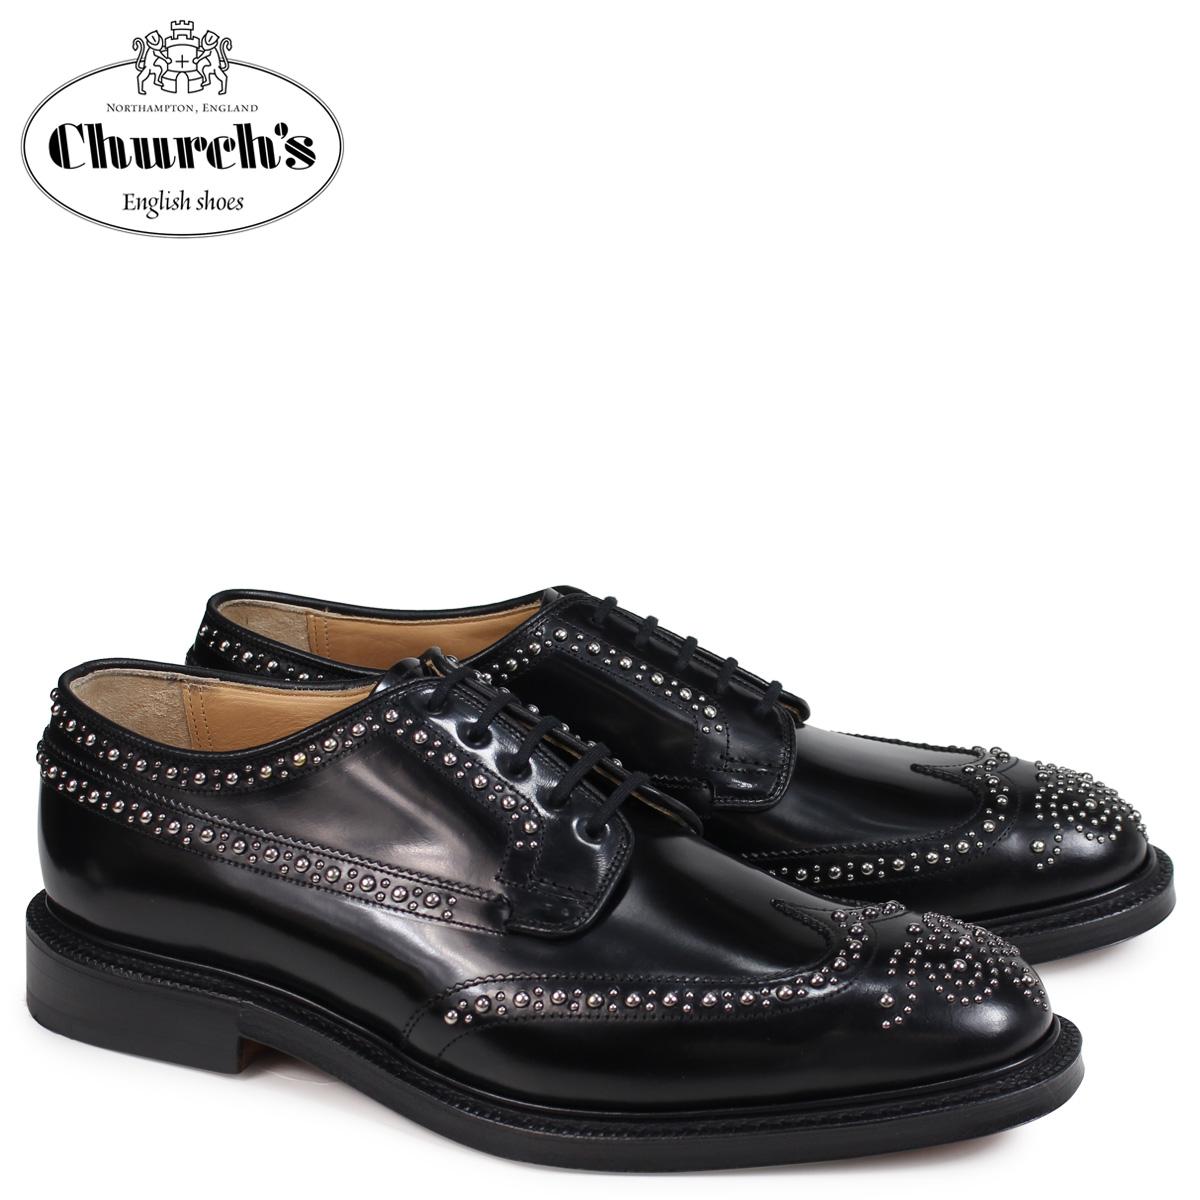 チャーチ Churchs 靴 グラフトン メット ウイングチップ シューズ メンズ GRAFTON MET POLISHED BINDER EEB228 スタッズ ブラック